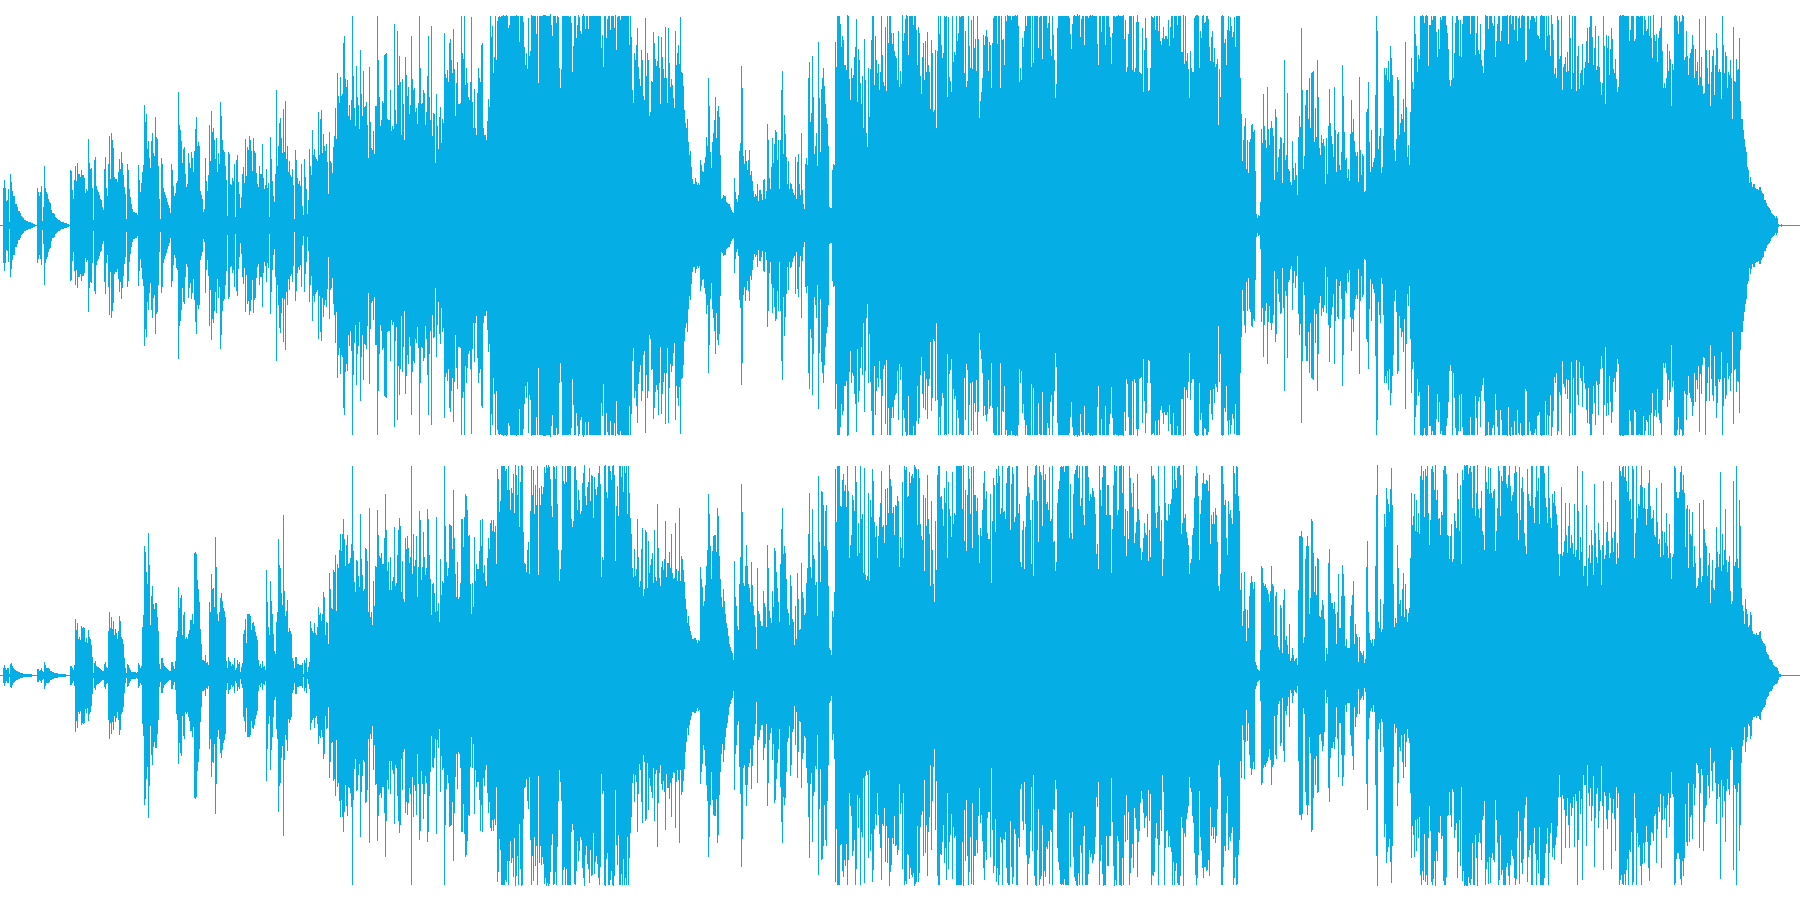 さわやかなアコースティックポップスの再生済みの波形